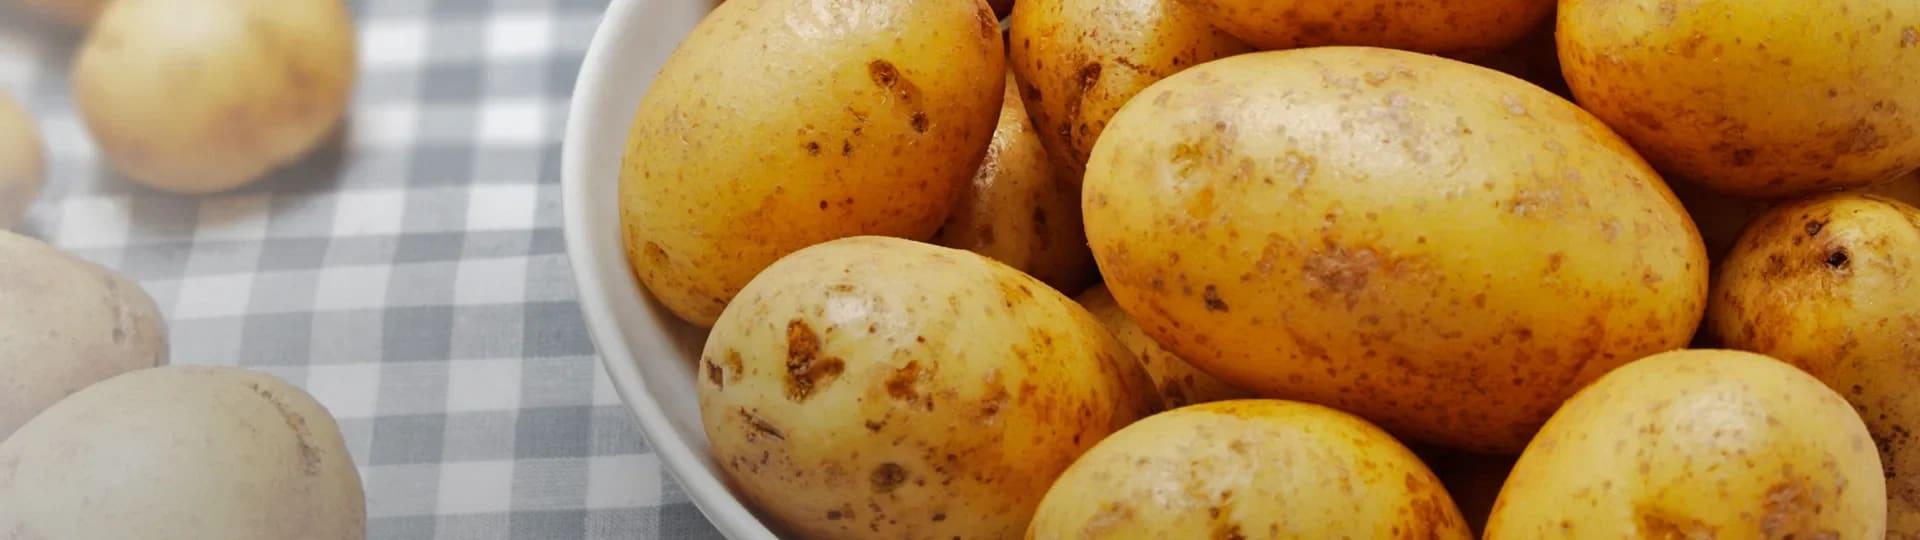 gift i potatis